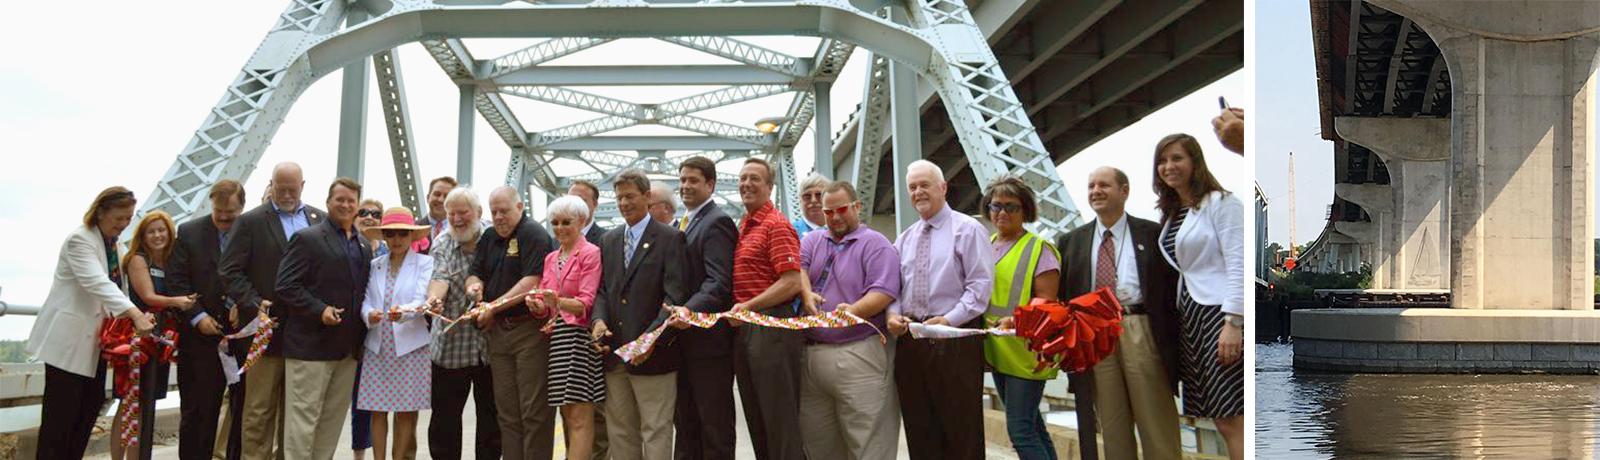 Bridge Opening Ceremony